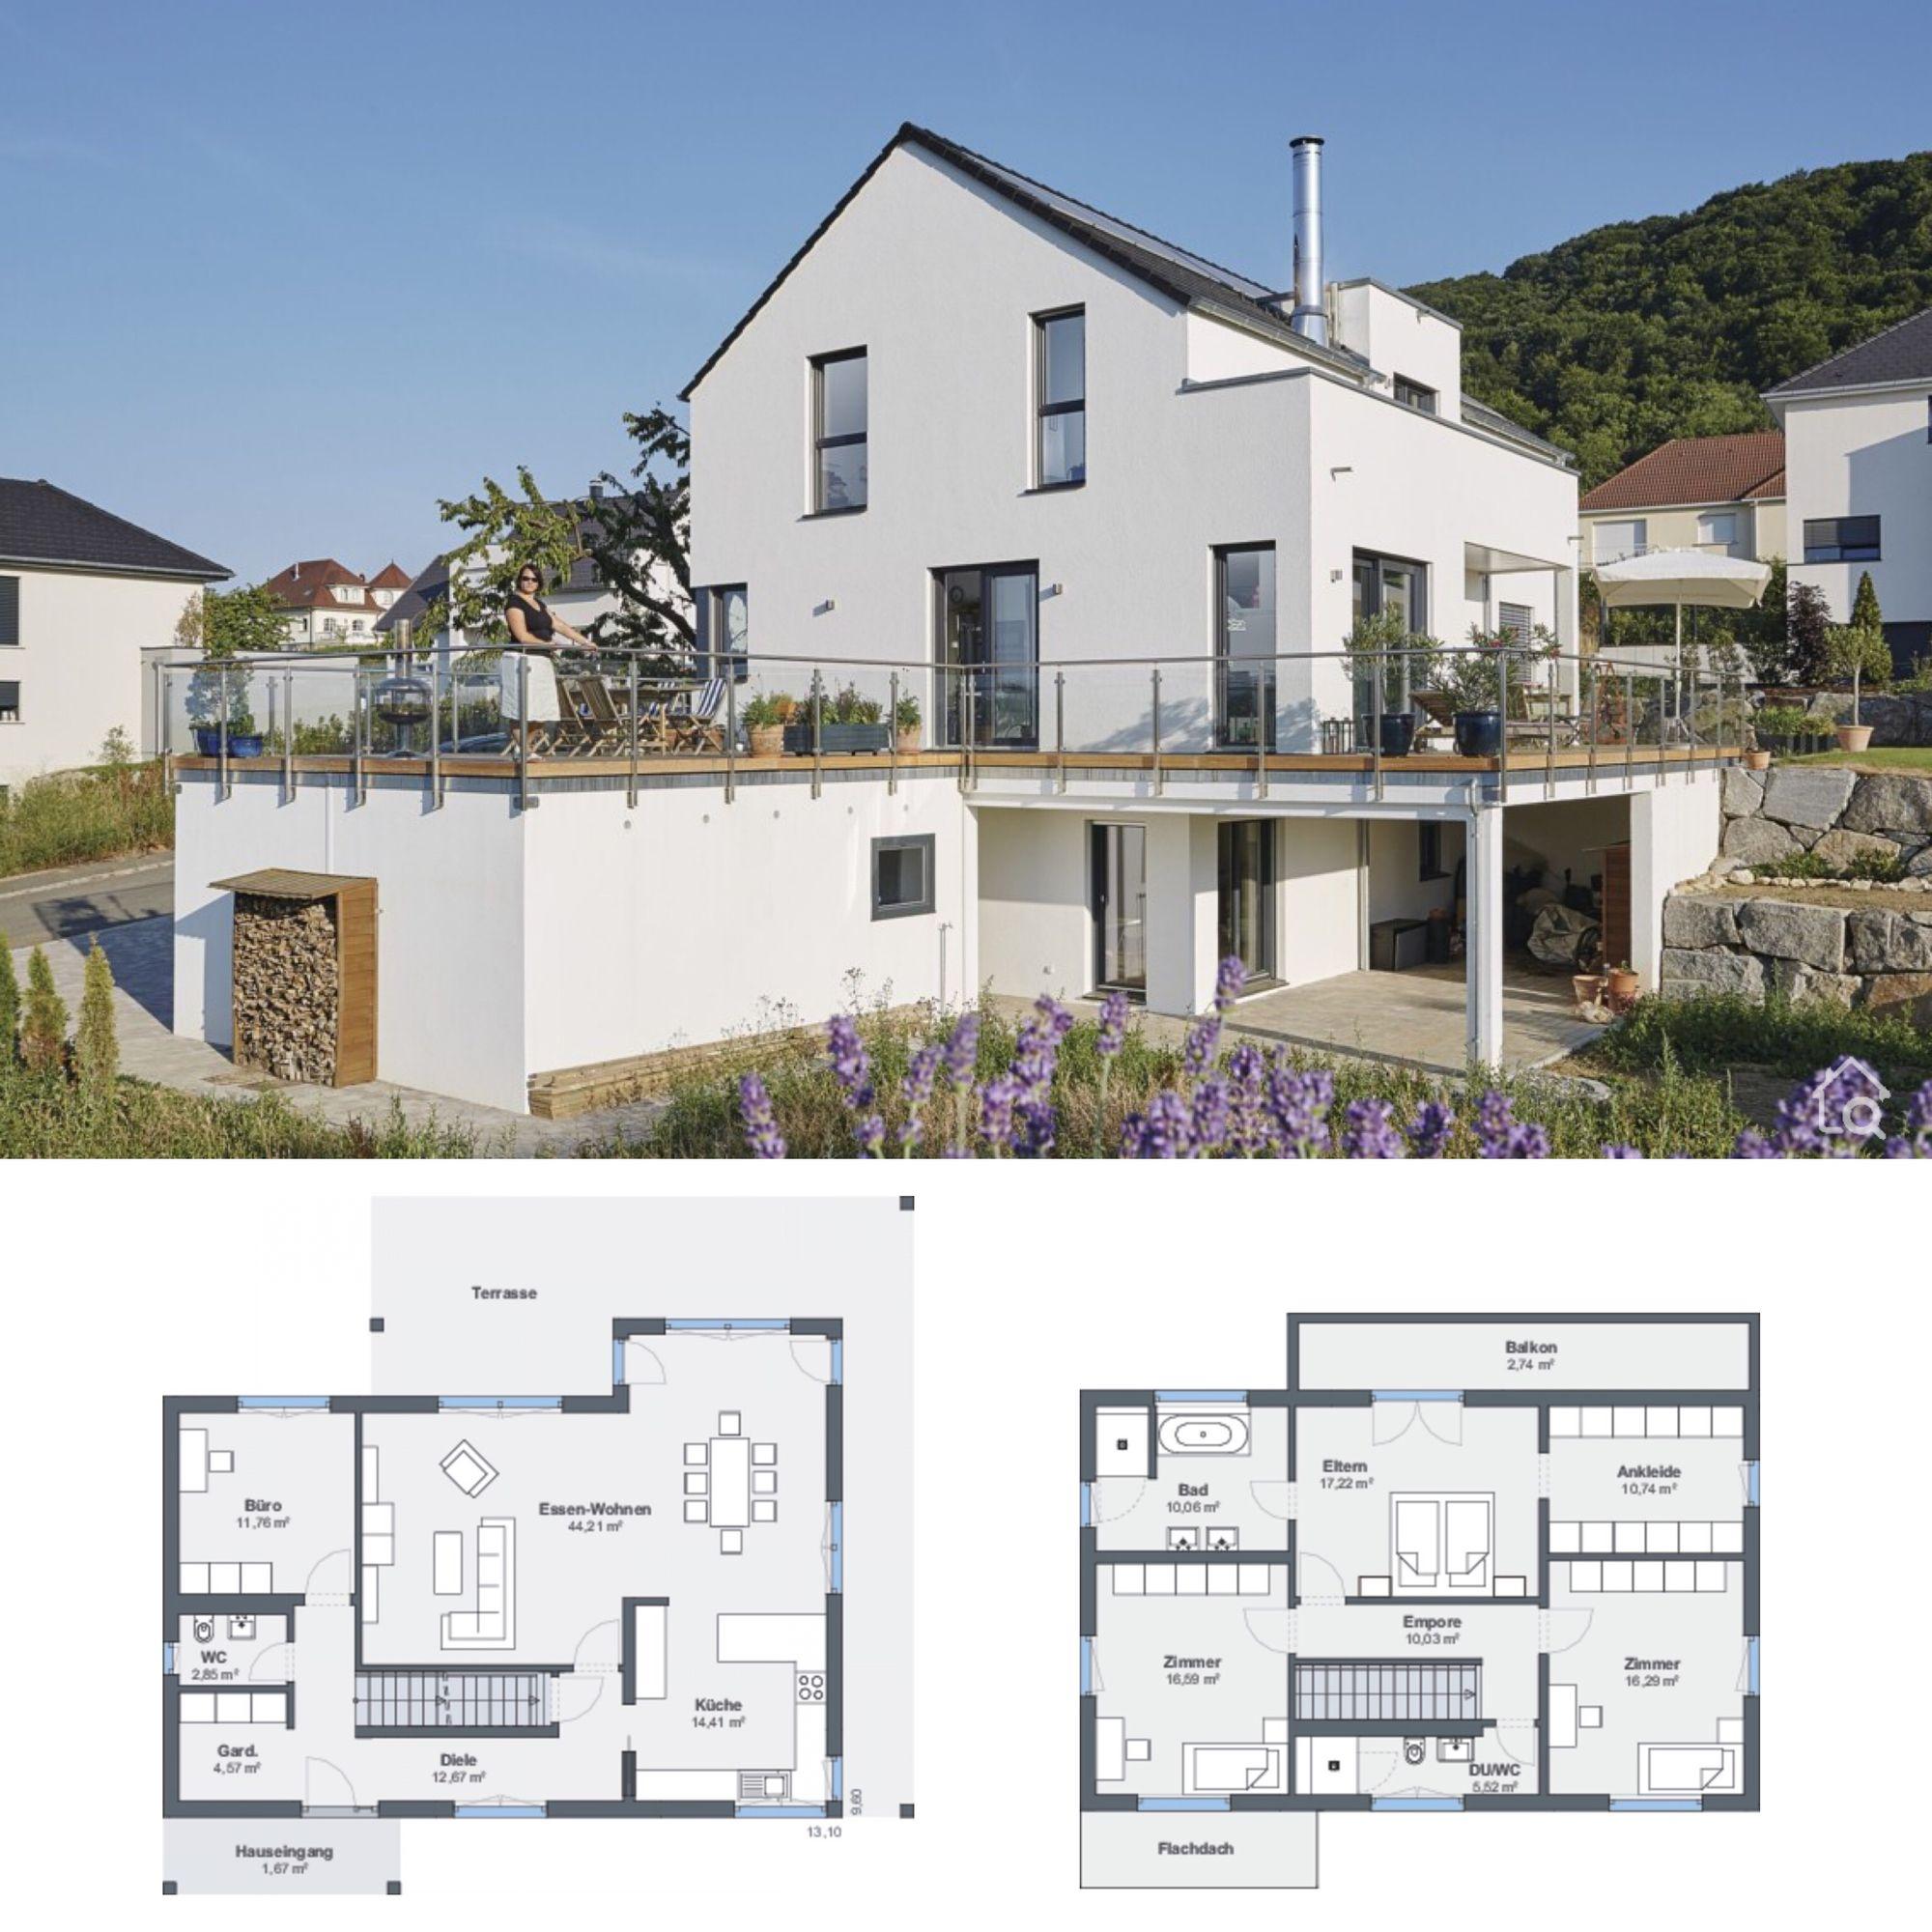 Einfamilienhaus Modern Am Hang Bauen Haus Grundriss Ideen Mit Einliegerwohnung Satteldach Garage In 2020 Haus Grundriss Haus Einfamilienhaus